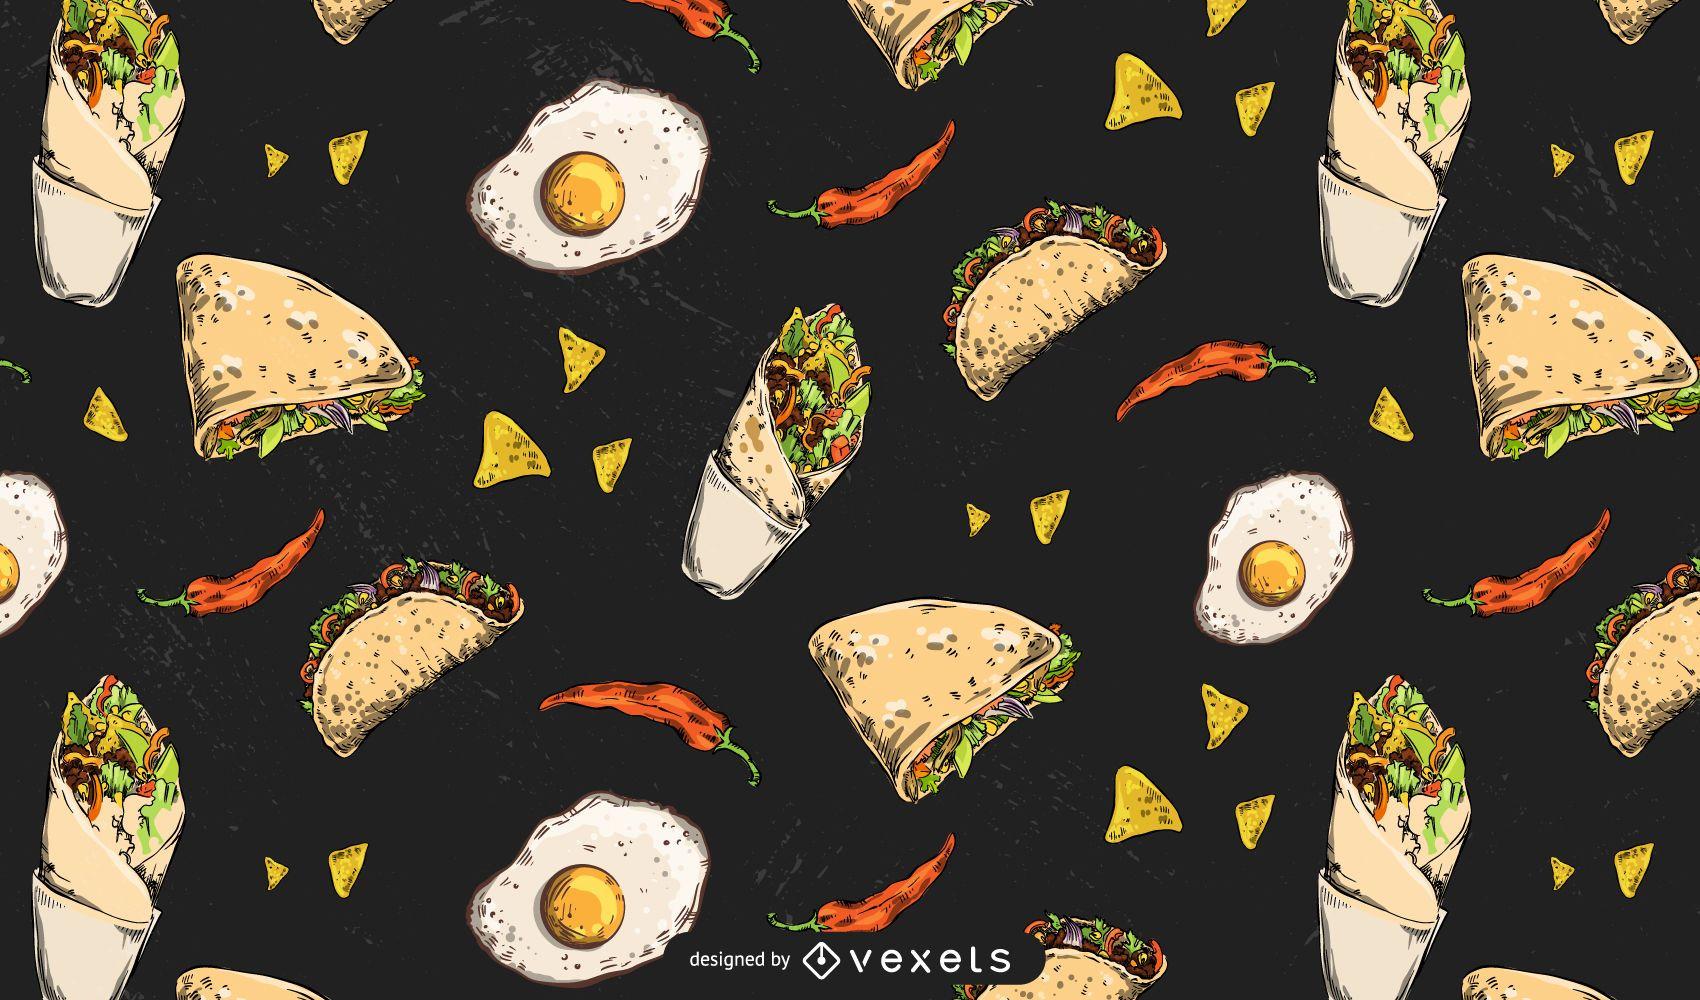 Diseño de patrón de alimentos mexicanos